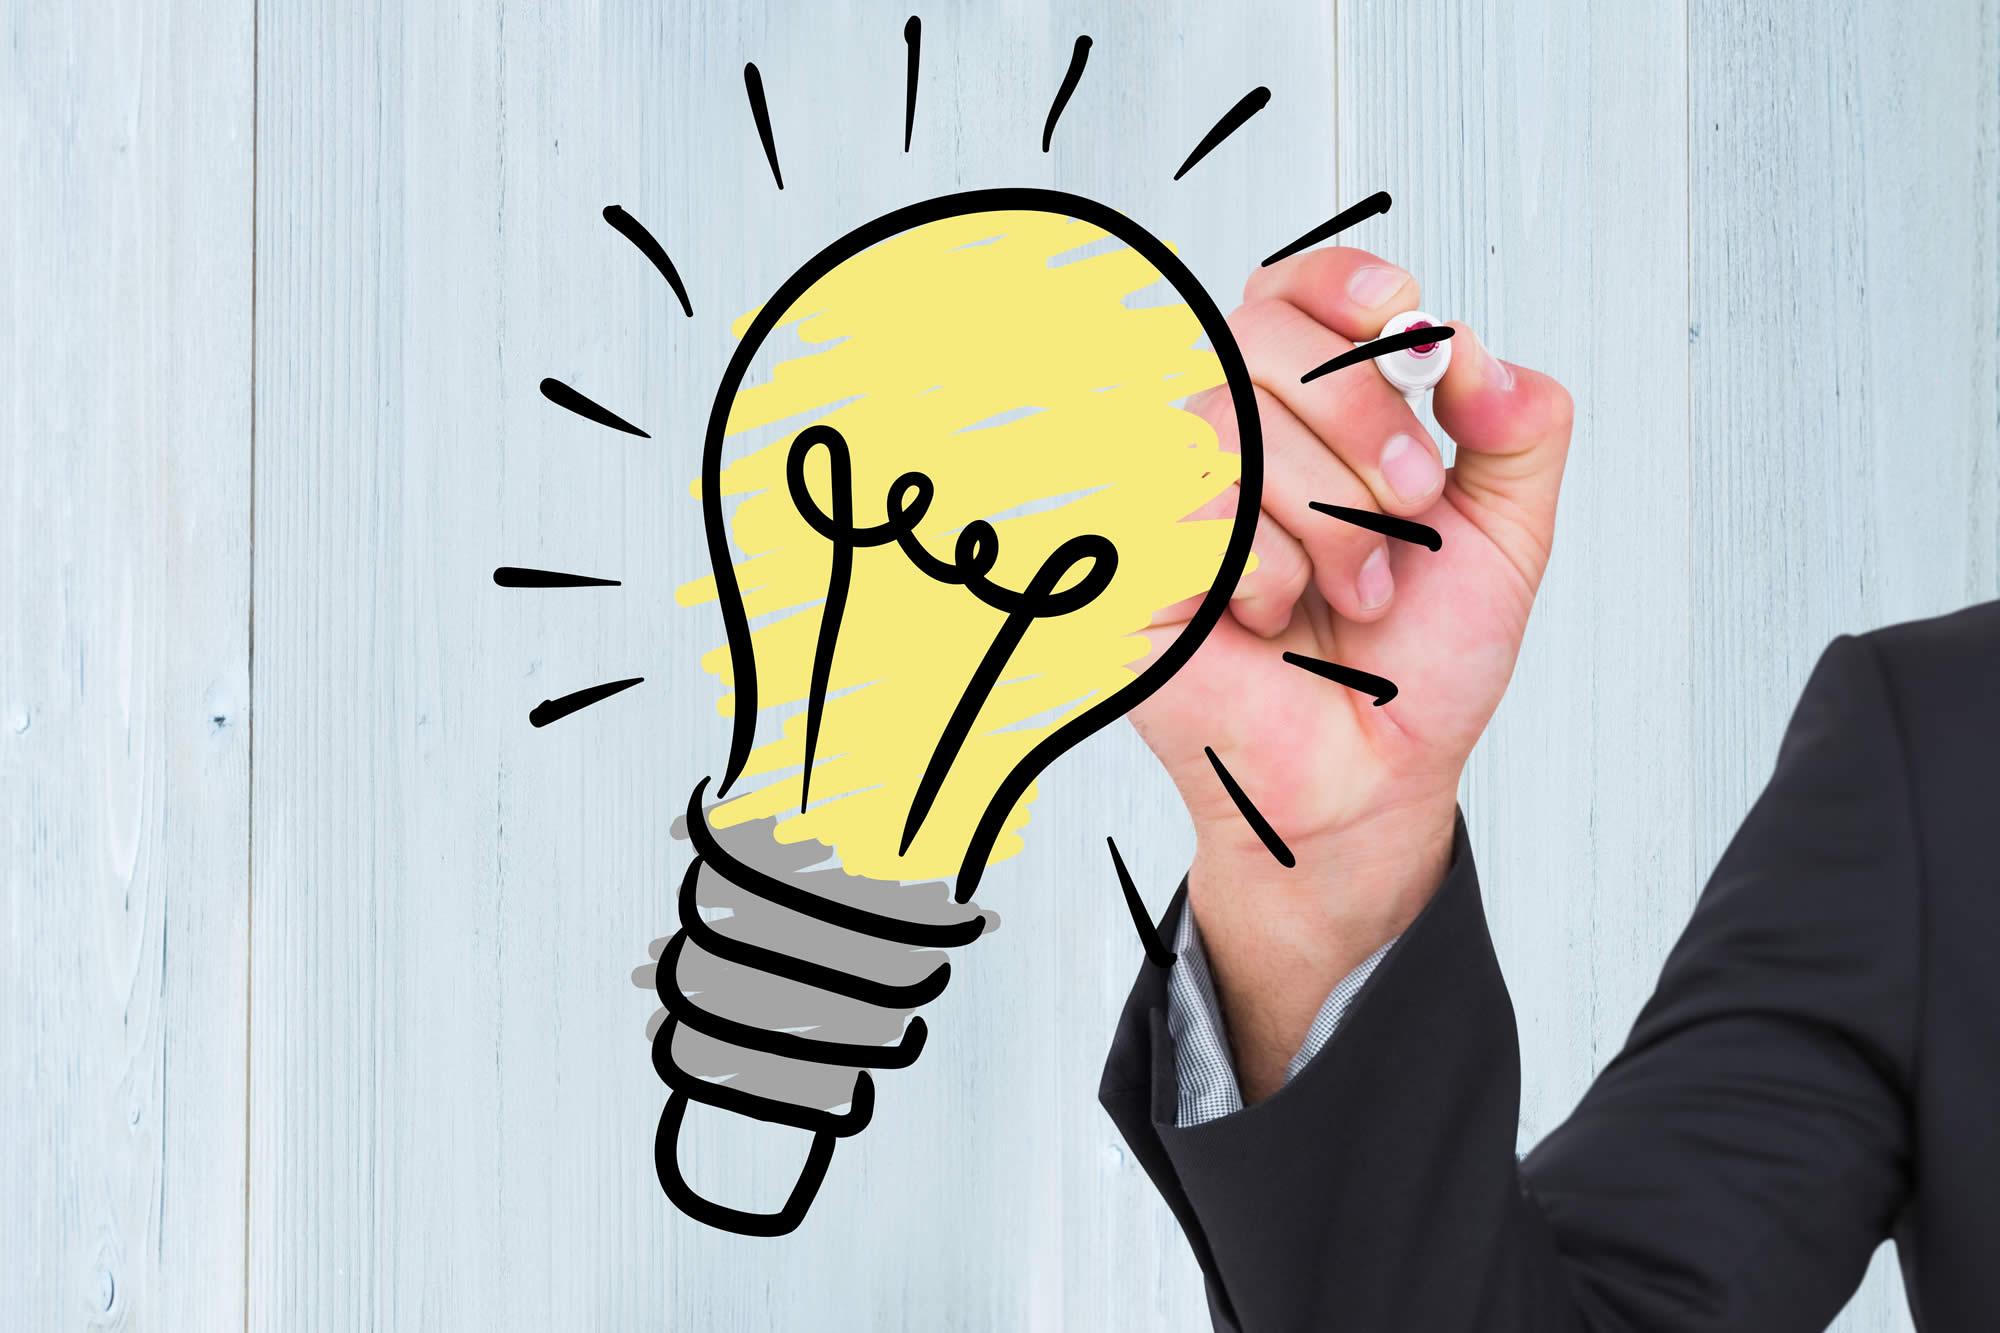 immagine idee e creatività